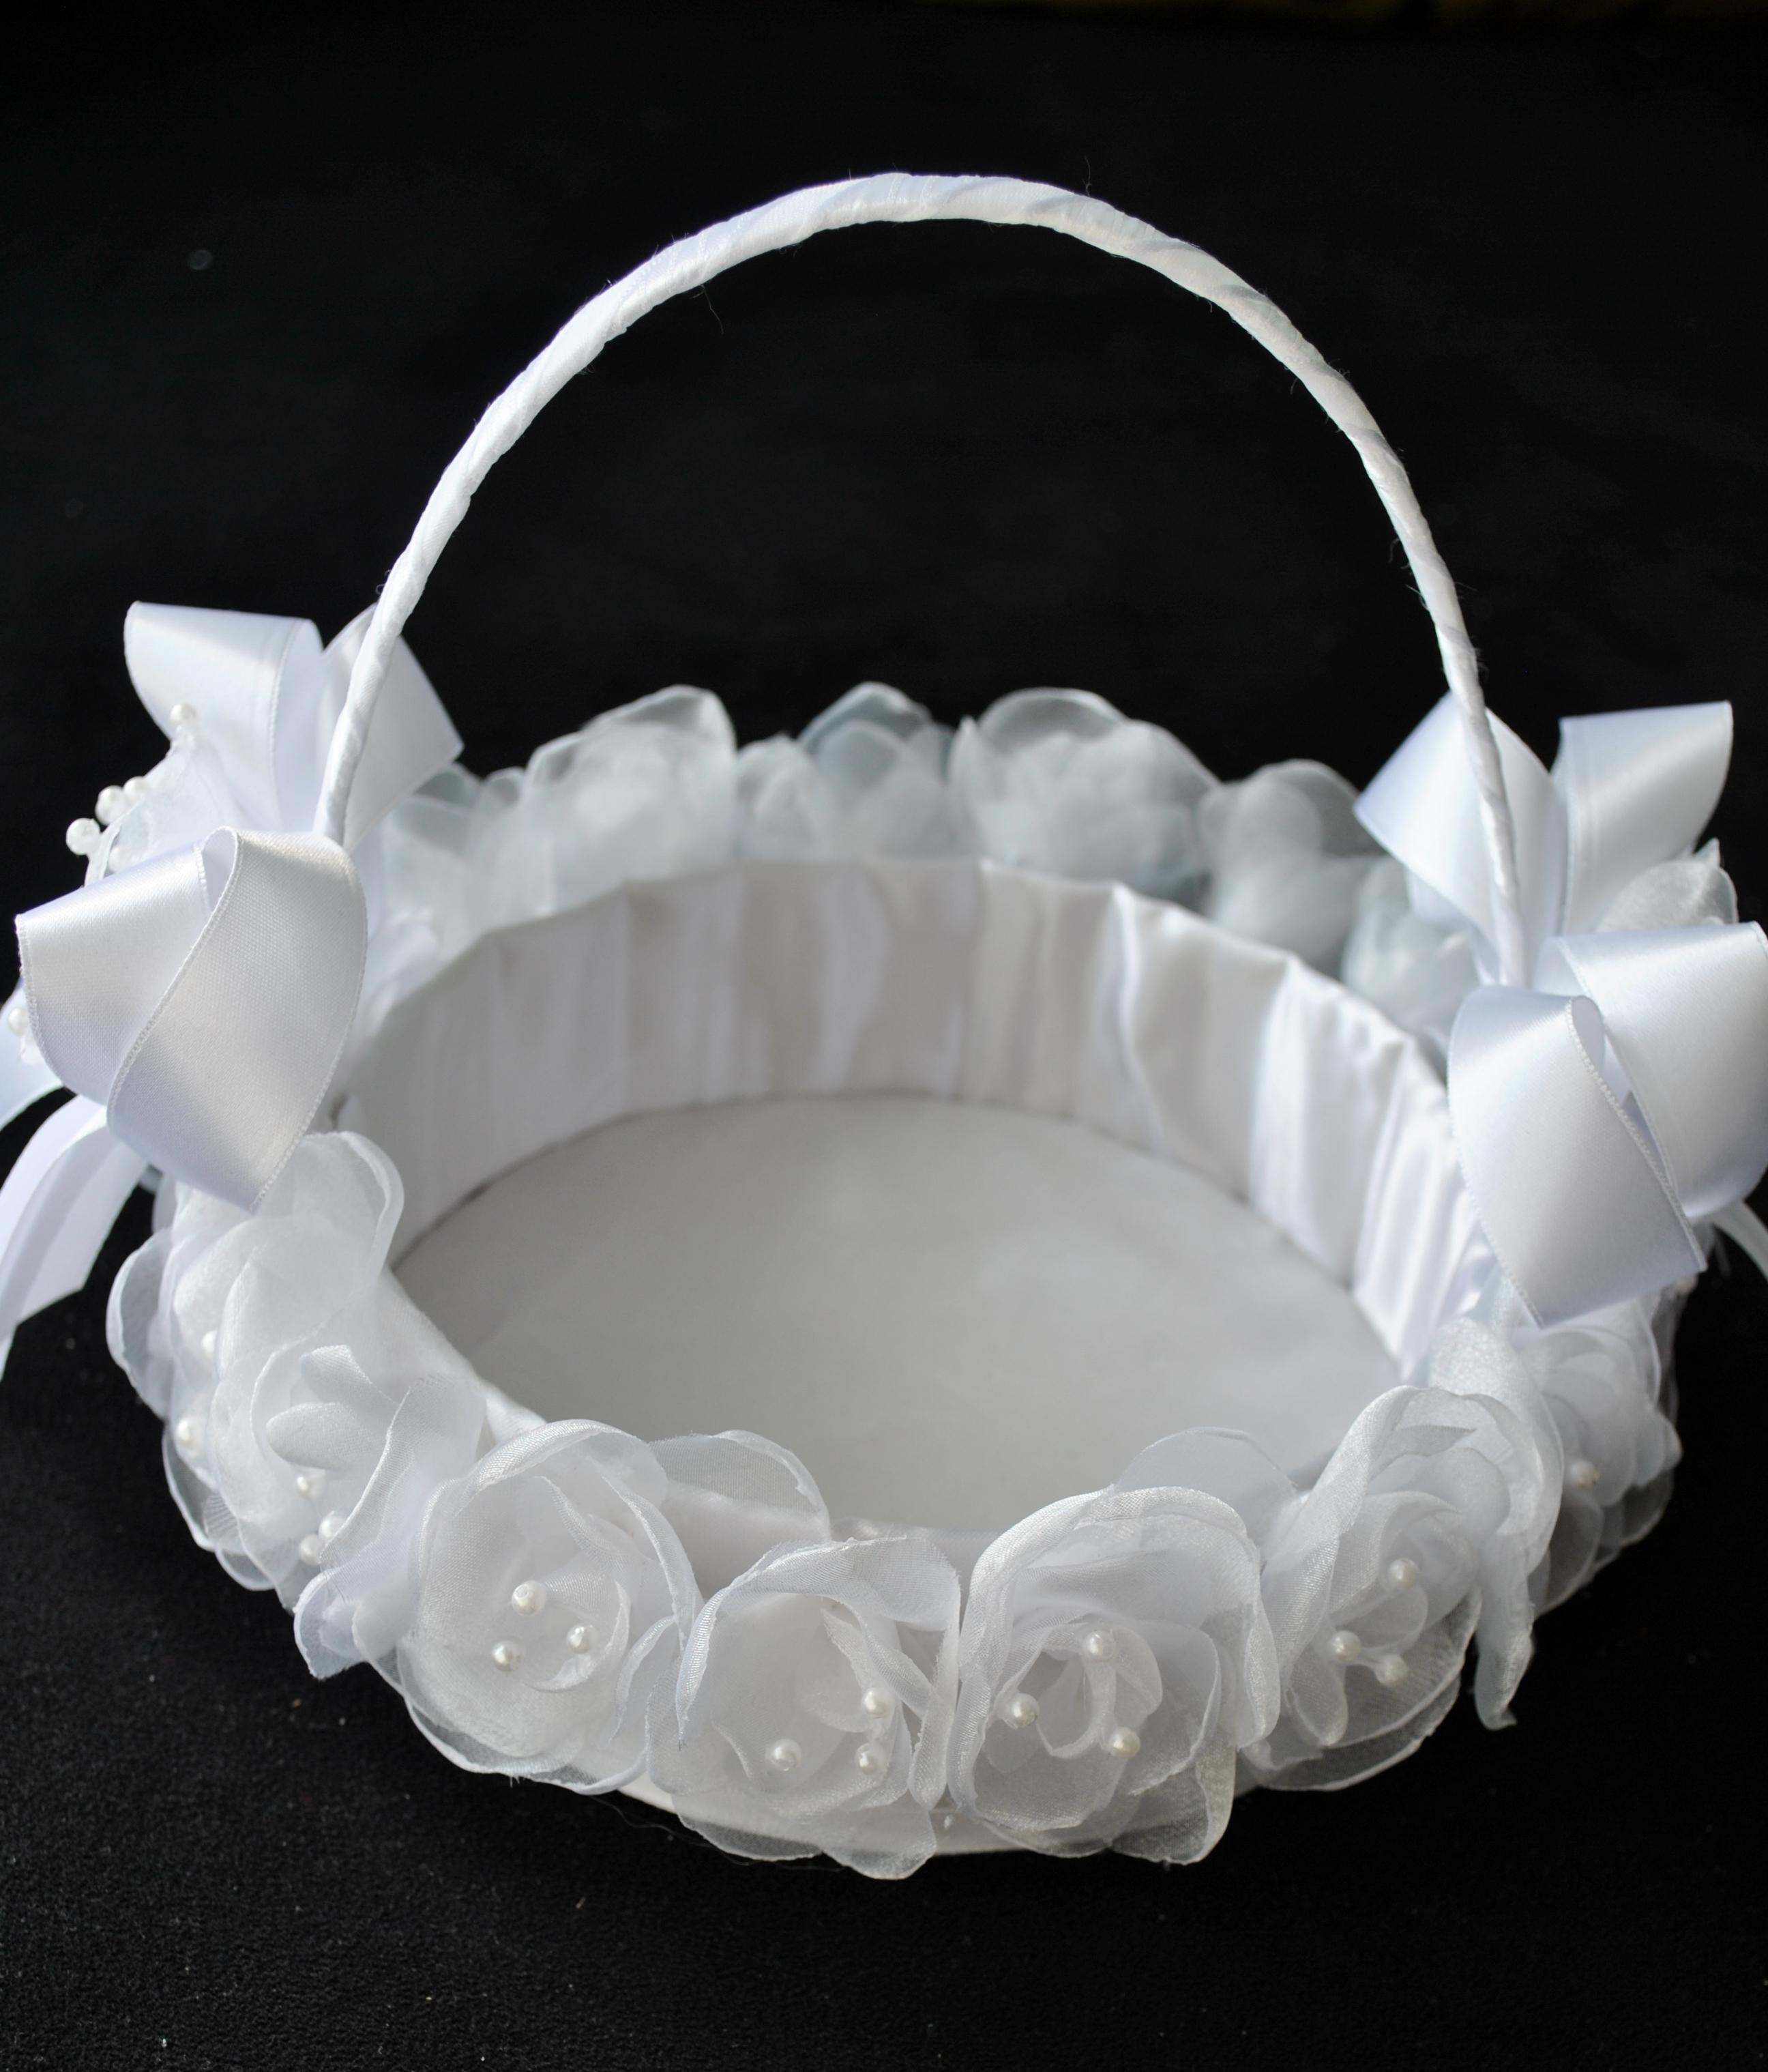 perolas florista branco r $ 149 90 cesta florista r $ 114 90 cesta